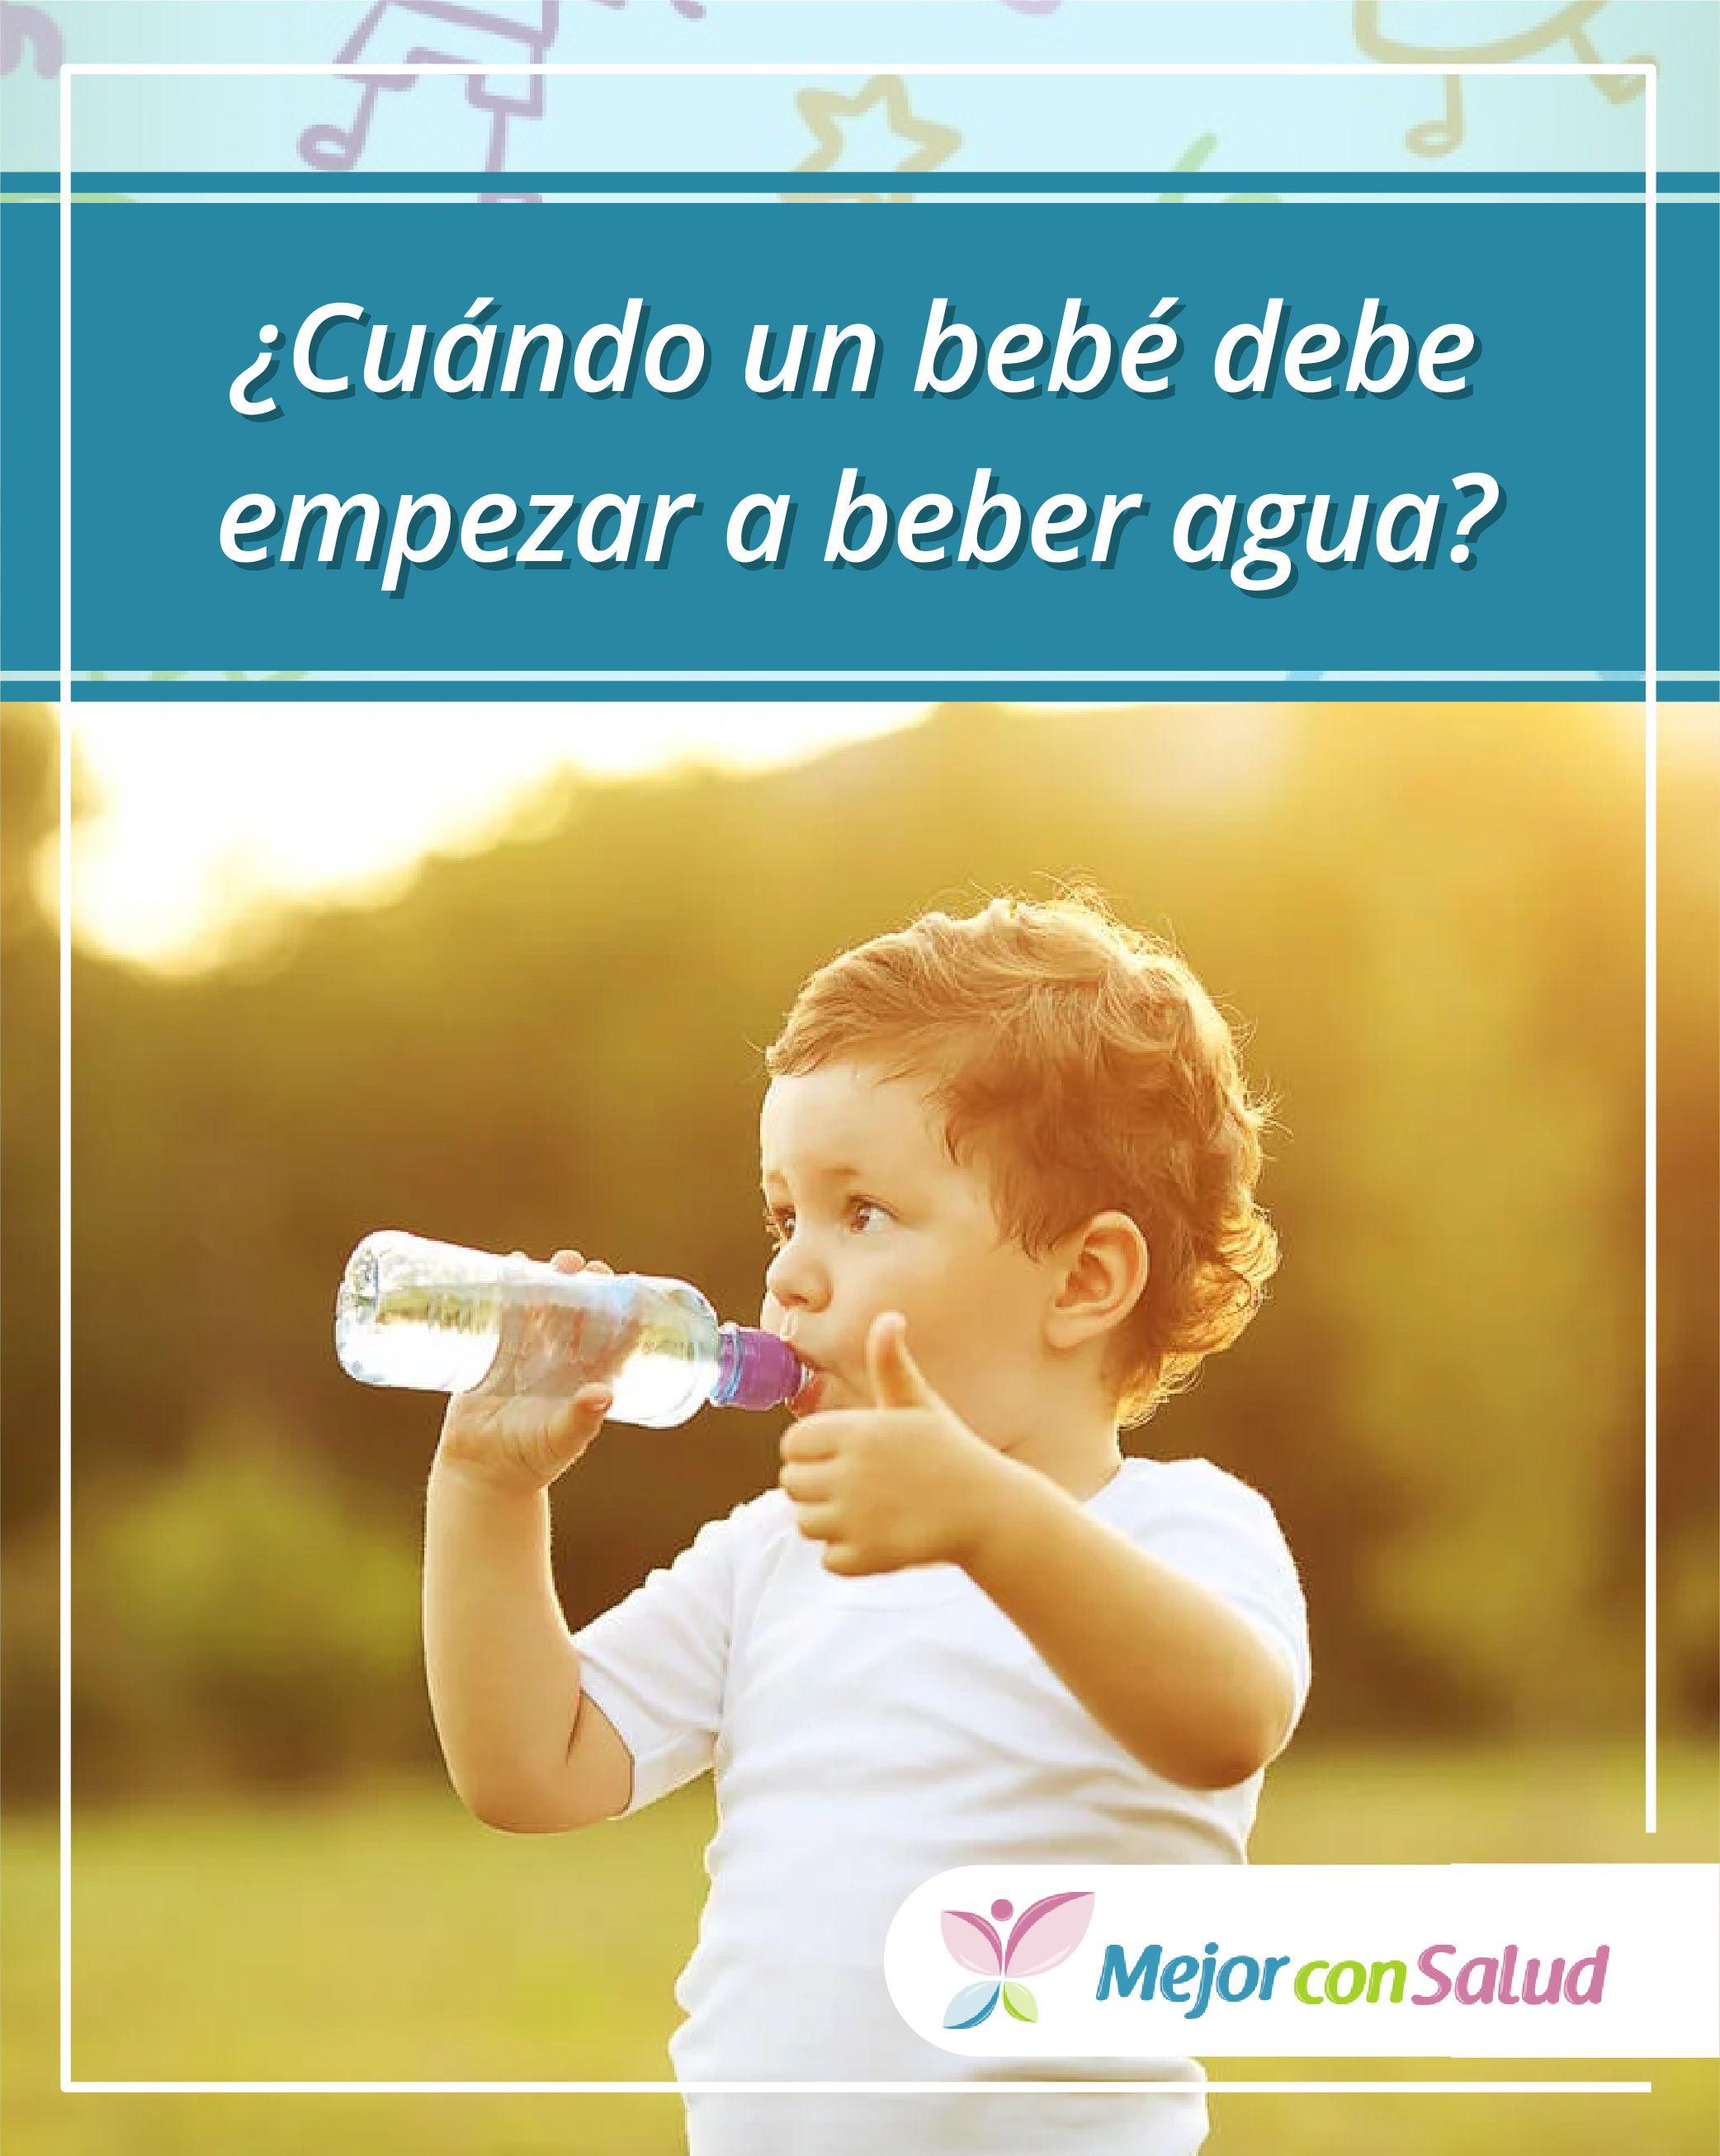 Cuando Un Bebe Debe Empezar A Beber Agua Bebe Alimentacion Bebe